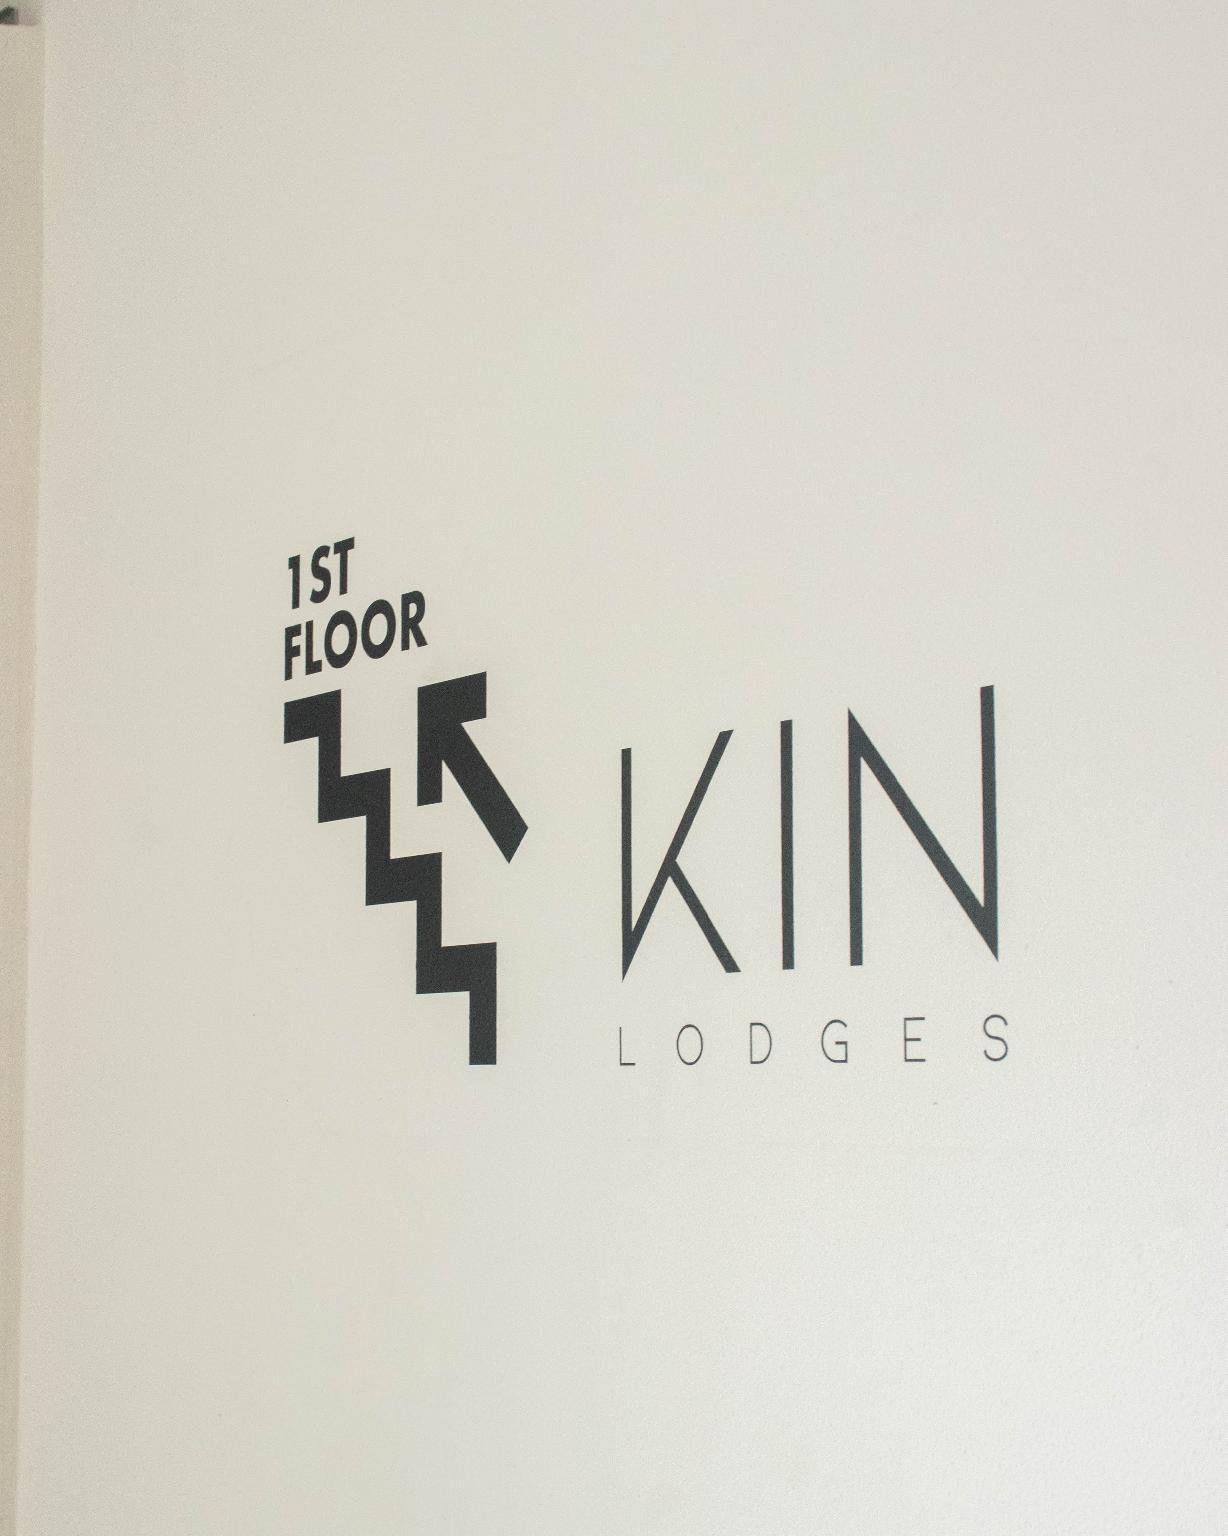 KIN Lodges